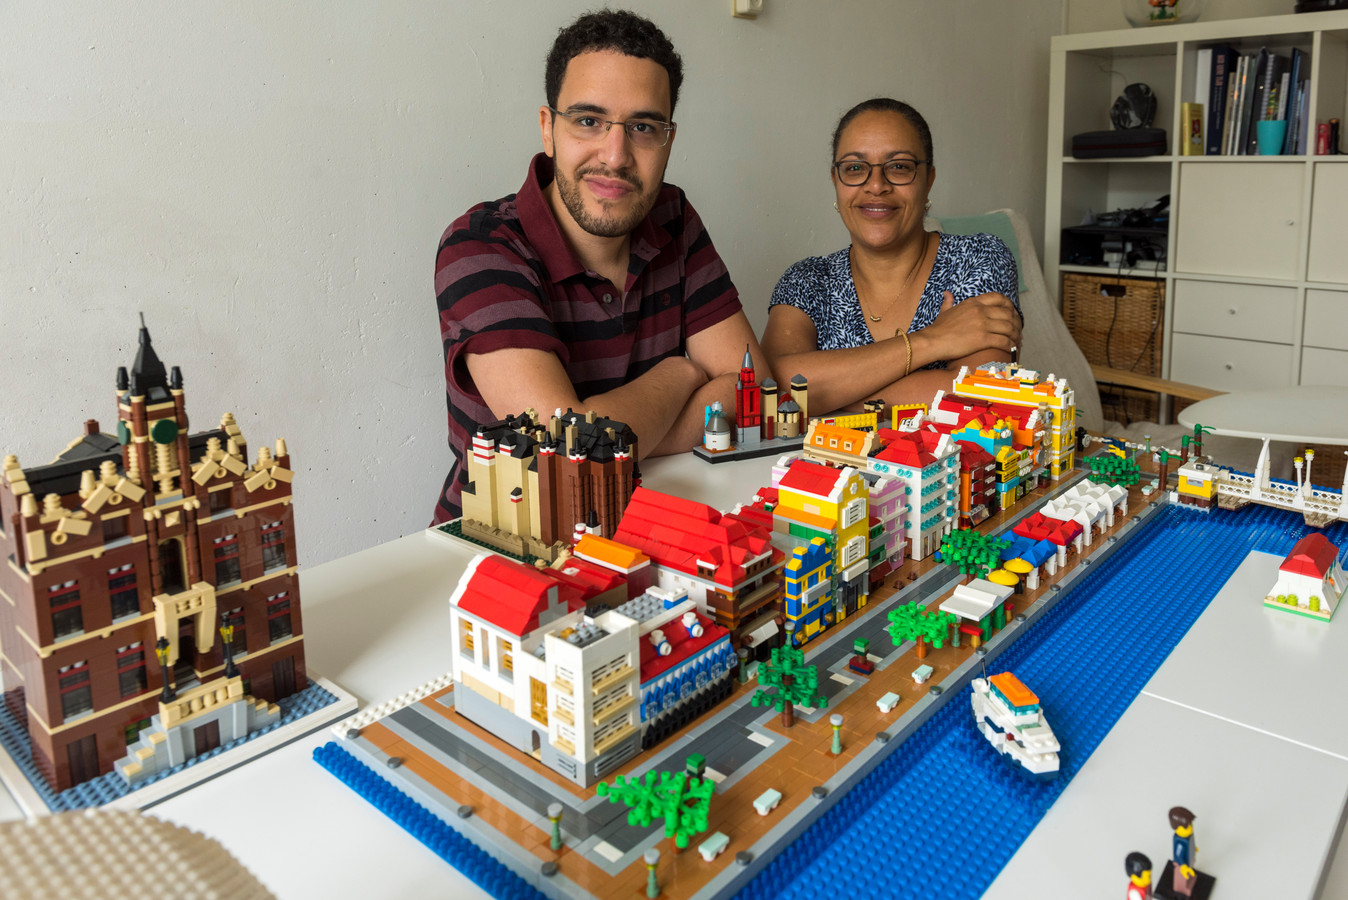 Kevin van Wijnsberge en zijn moeder Roxanne tonen trots de Handelskade in Curaçao gebouwd met  4.625 Lego-steentjes.